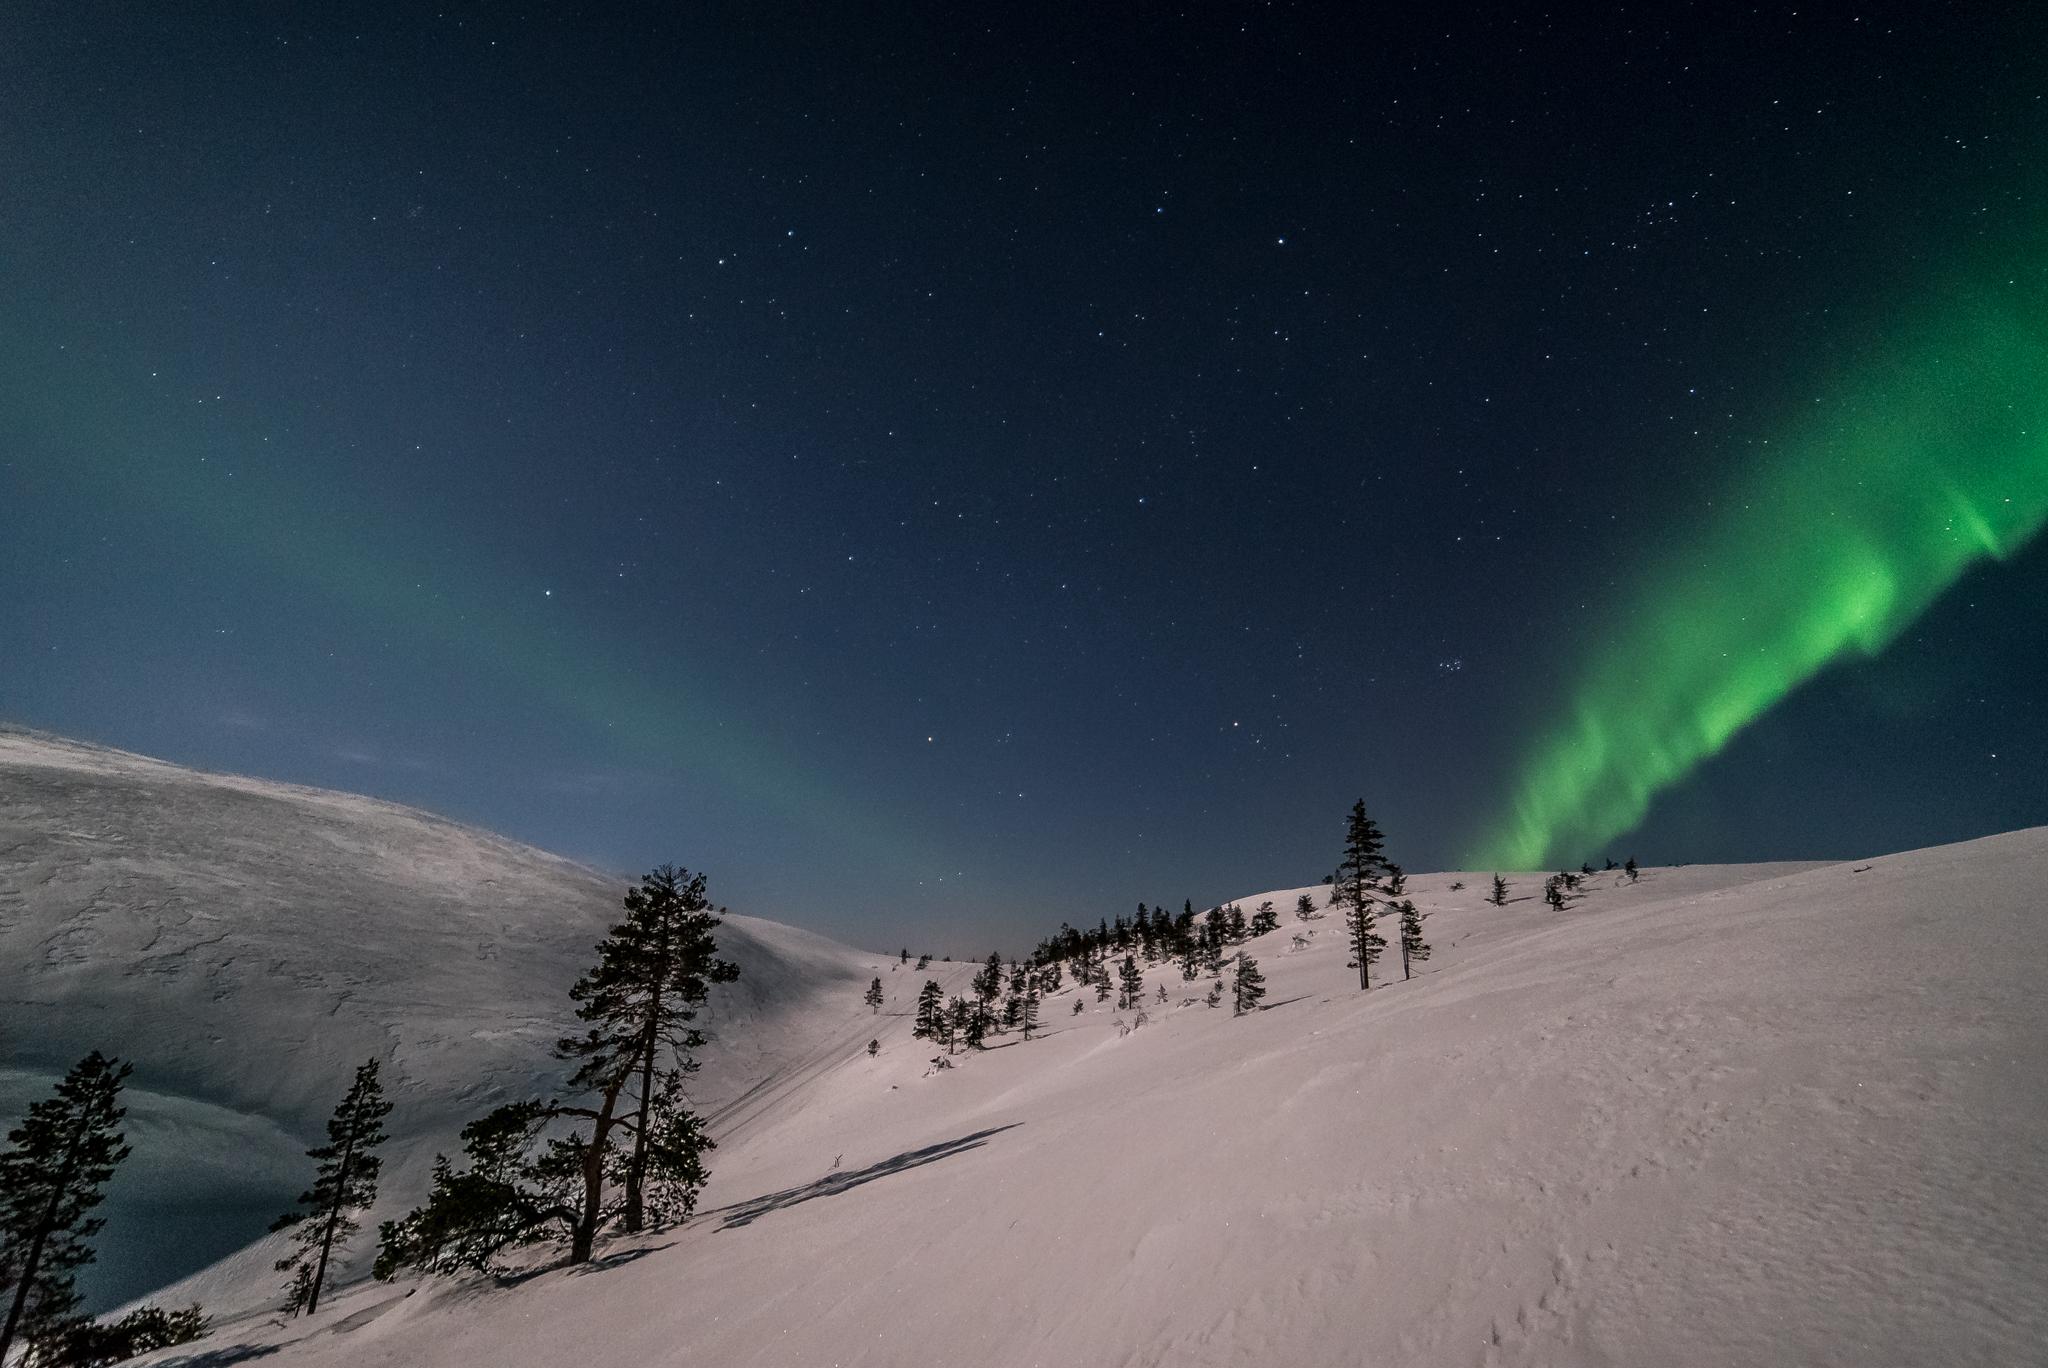 Aurora Borealis at Kellostapuli